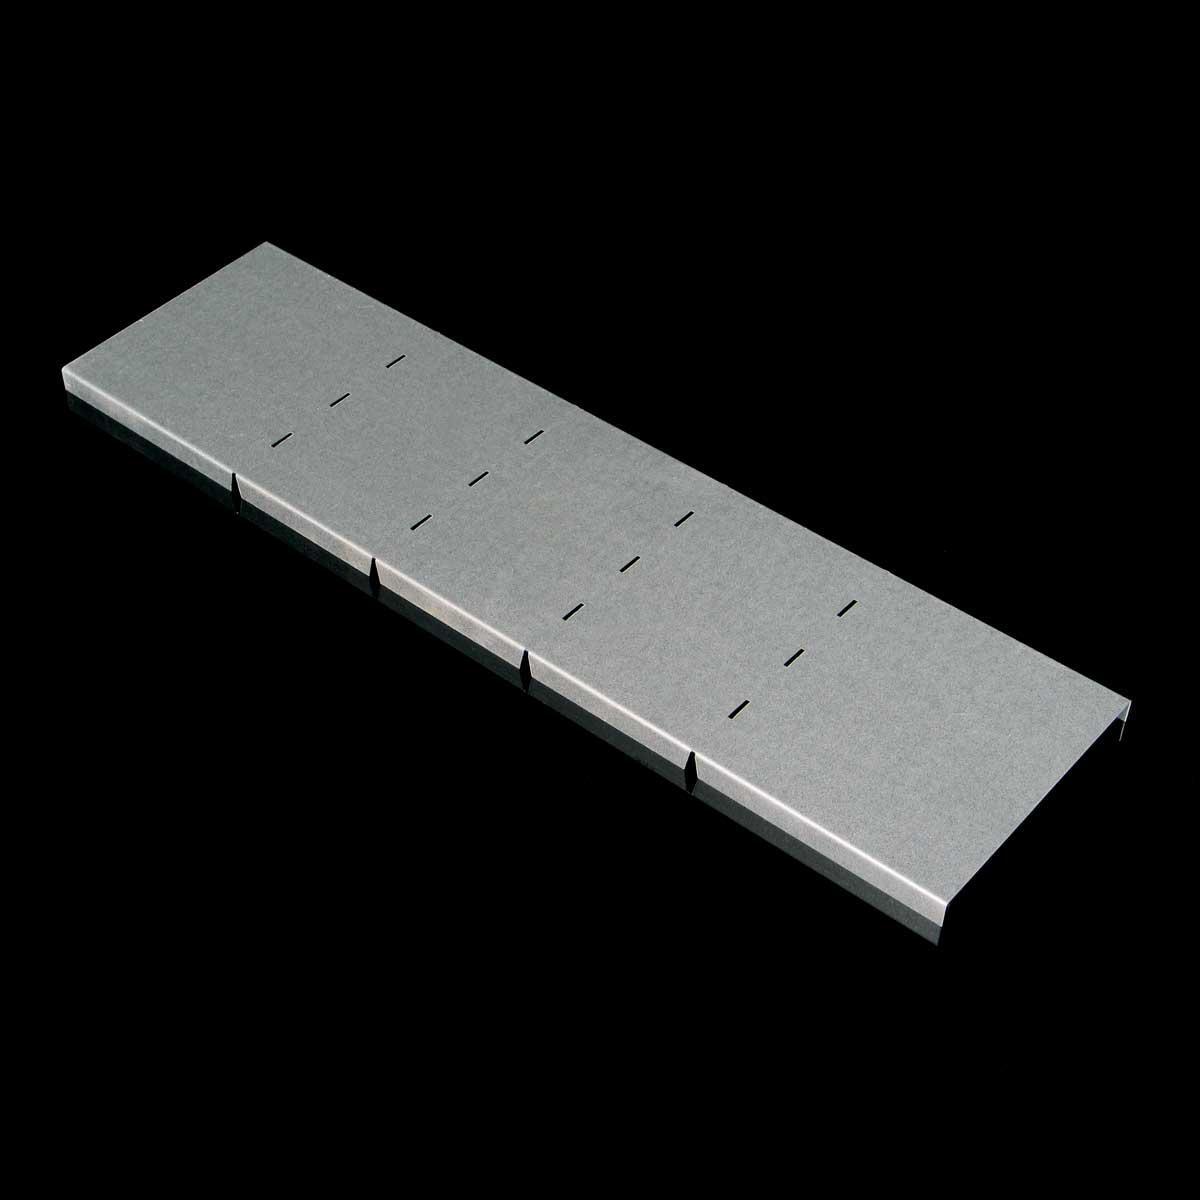 Кришка вертикального повороту зовнішнього 90° JUPITER; розміри-60x150x245mm Товщ. метал-0,6 Вага-0,32кг/м